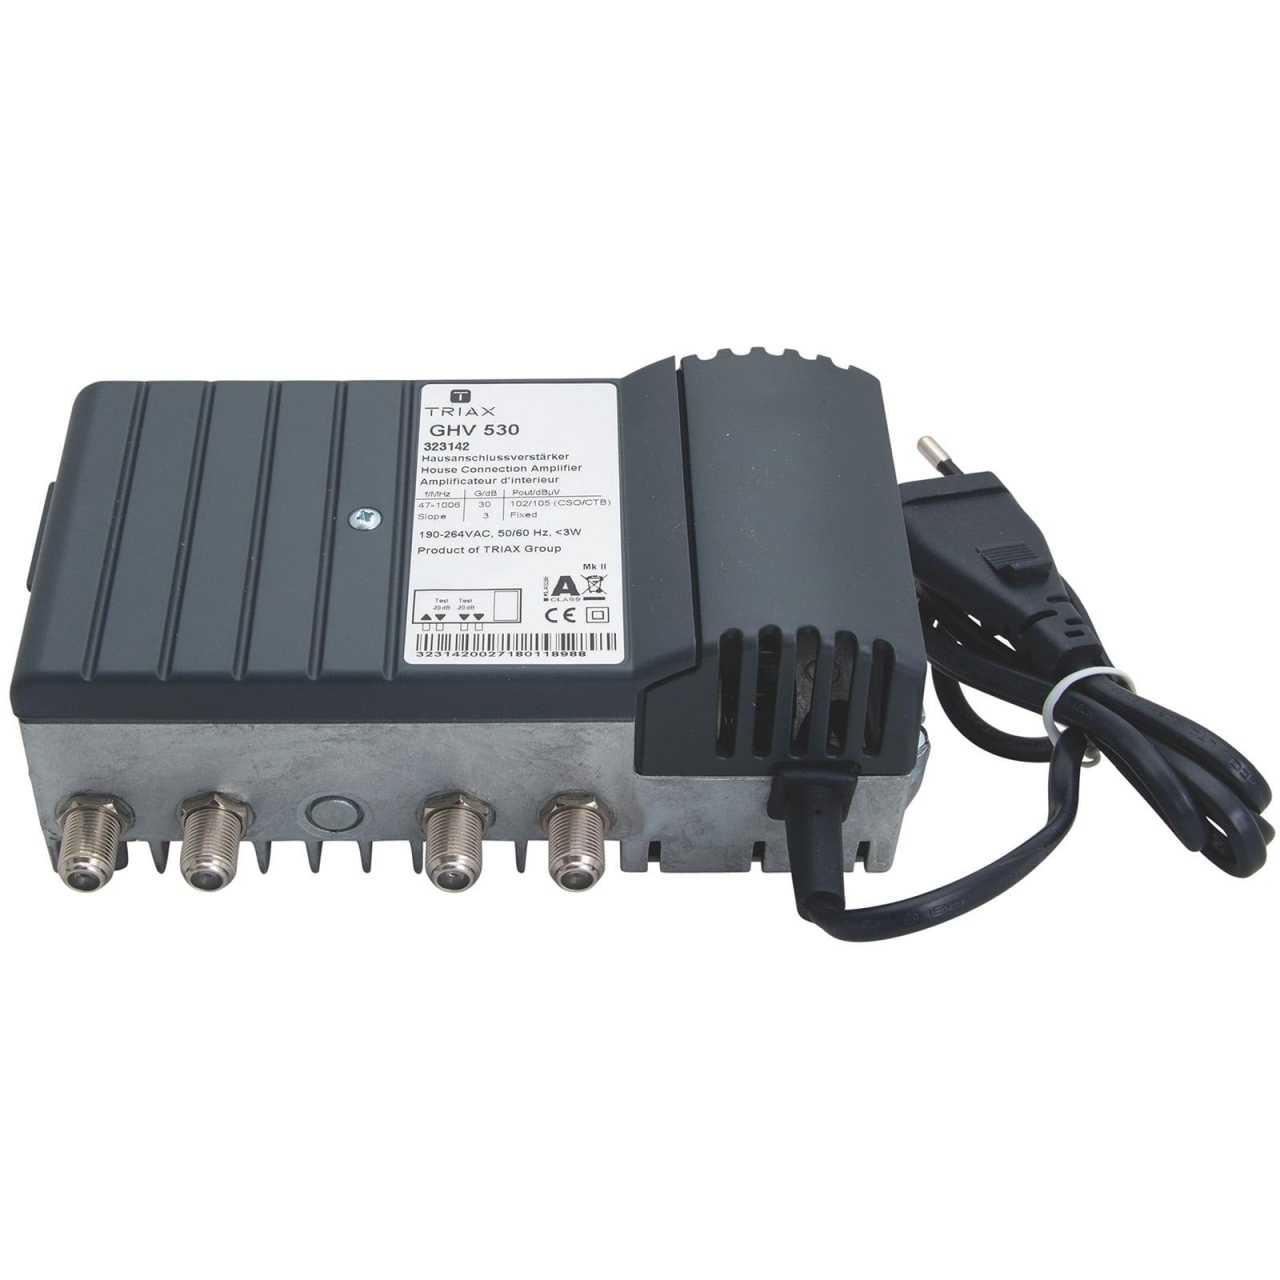 Triax GHV 530 Hausanschlussverstärker DVB-C 30dB BK-Hausanschluss- und Nachverstärker MONVER004